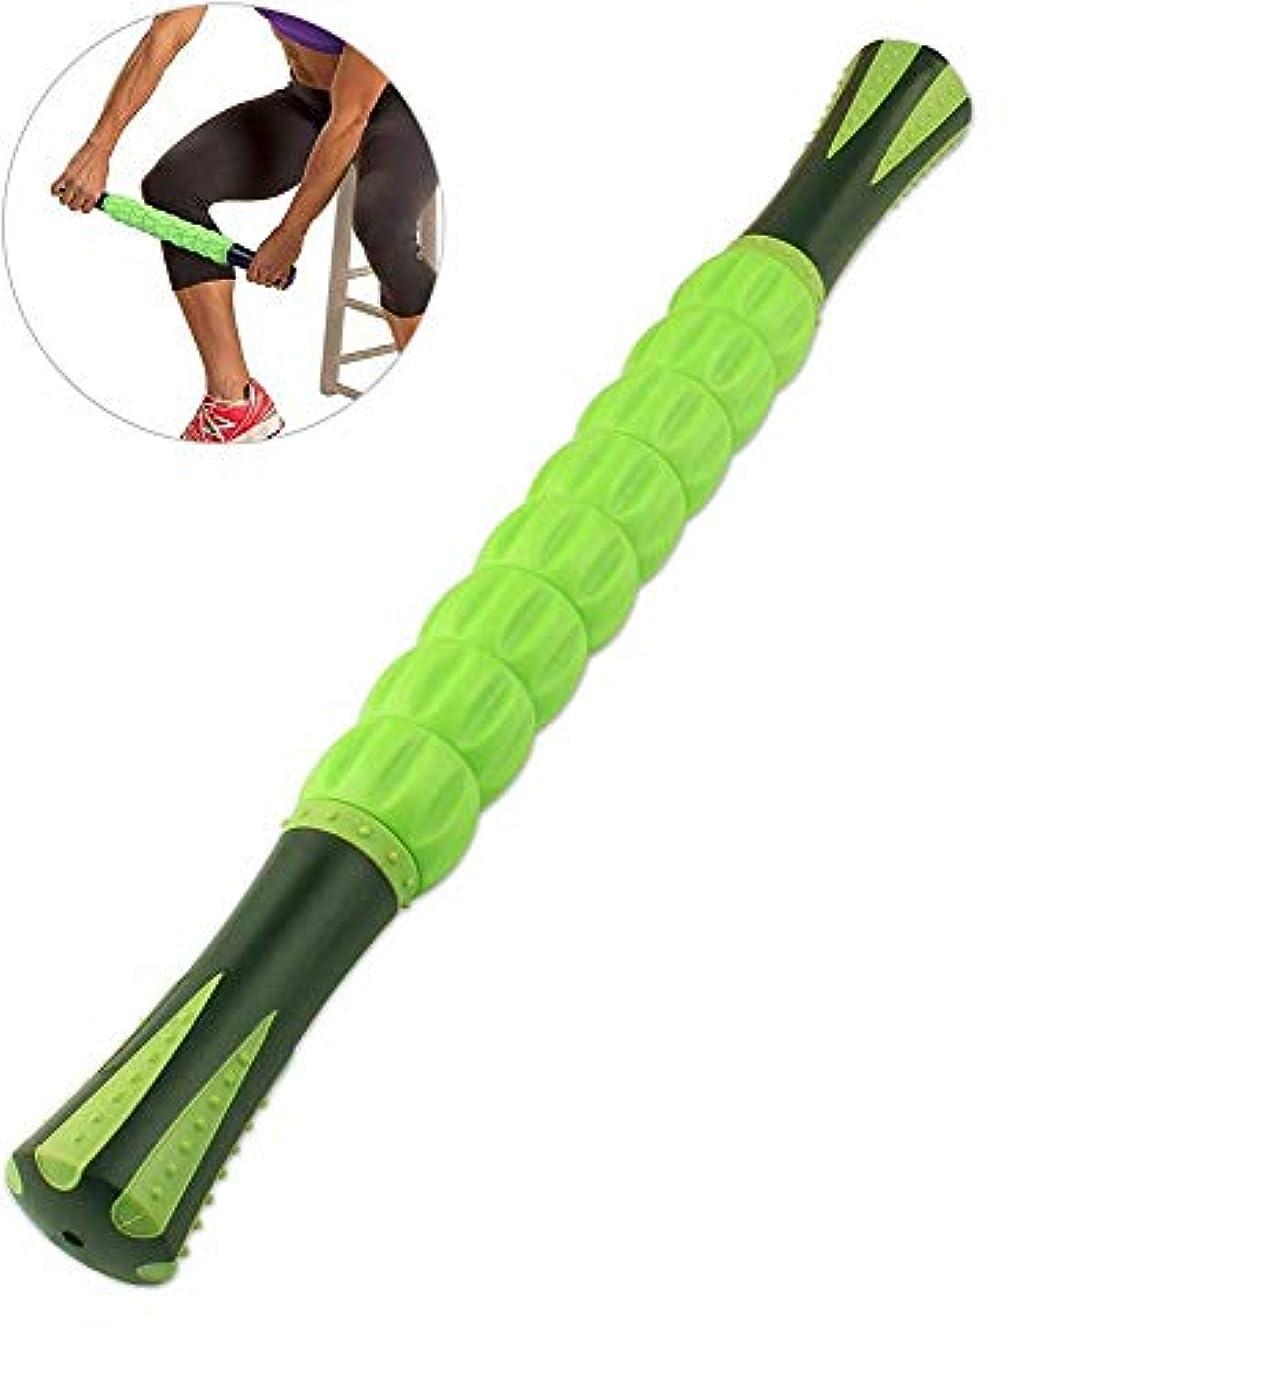 槍債務誤解するアスリートランナー向けのマッスルローラースティック、マッスルマッサージローラーツールは、足と体の背中の回復マッサージに役立ちます,Green